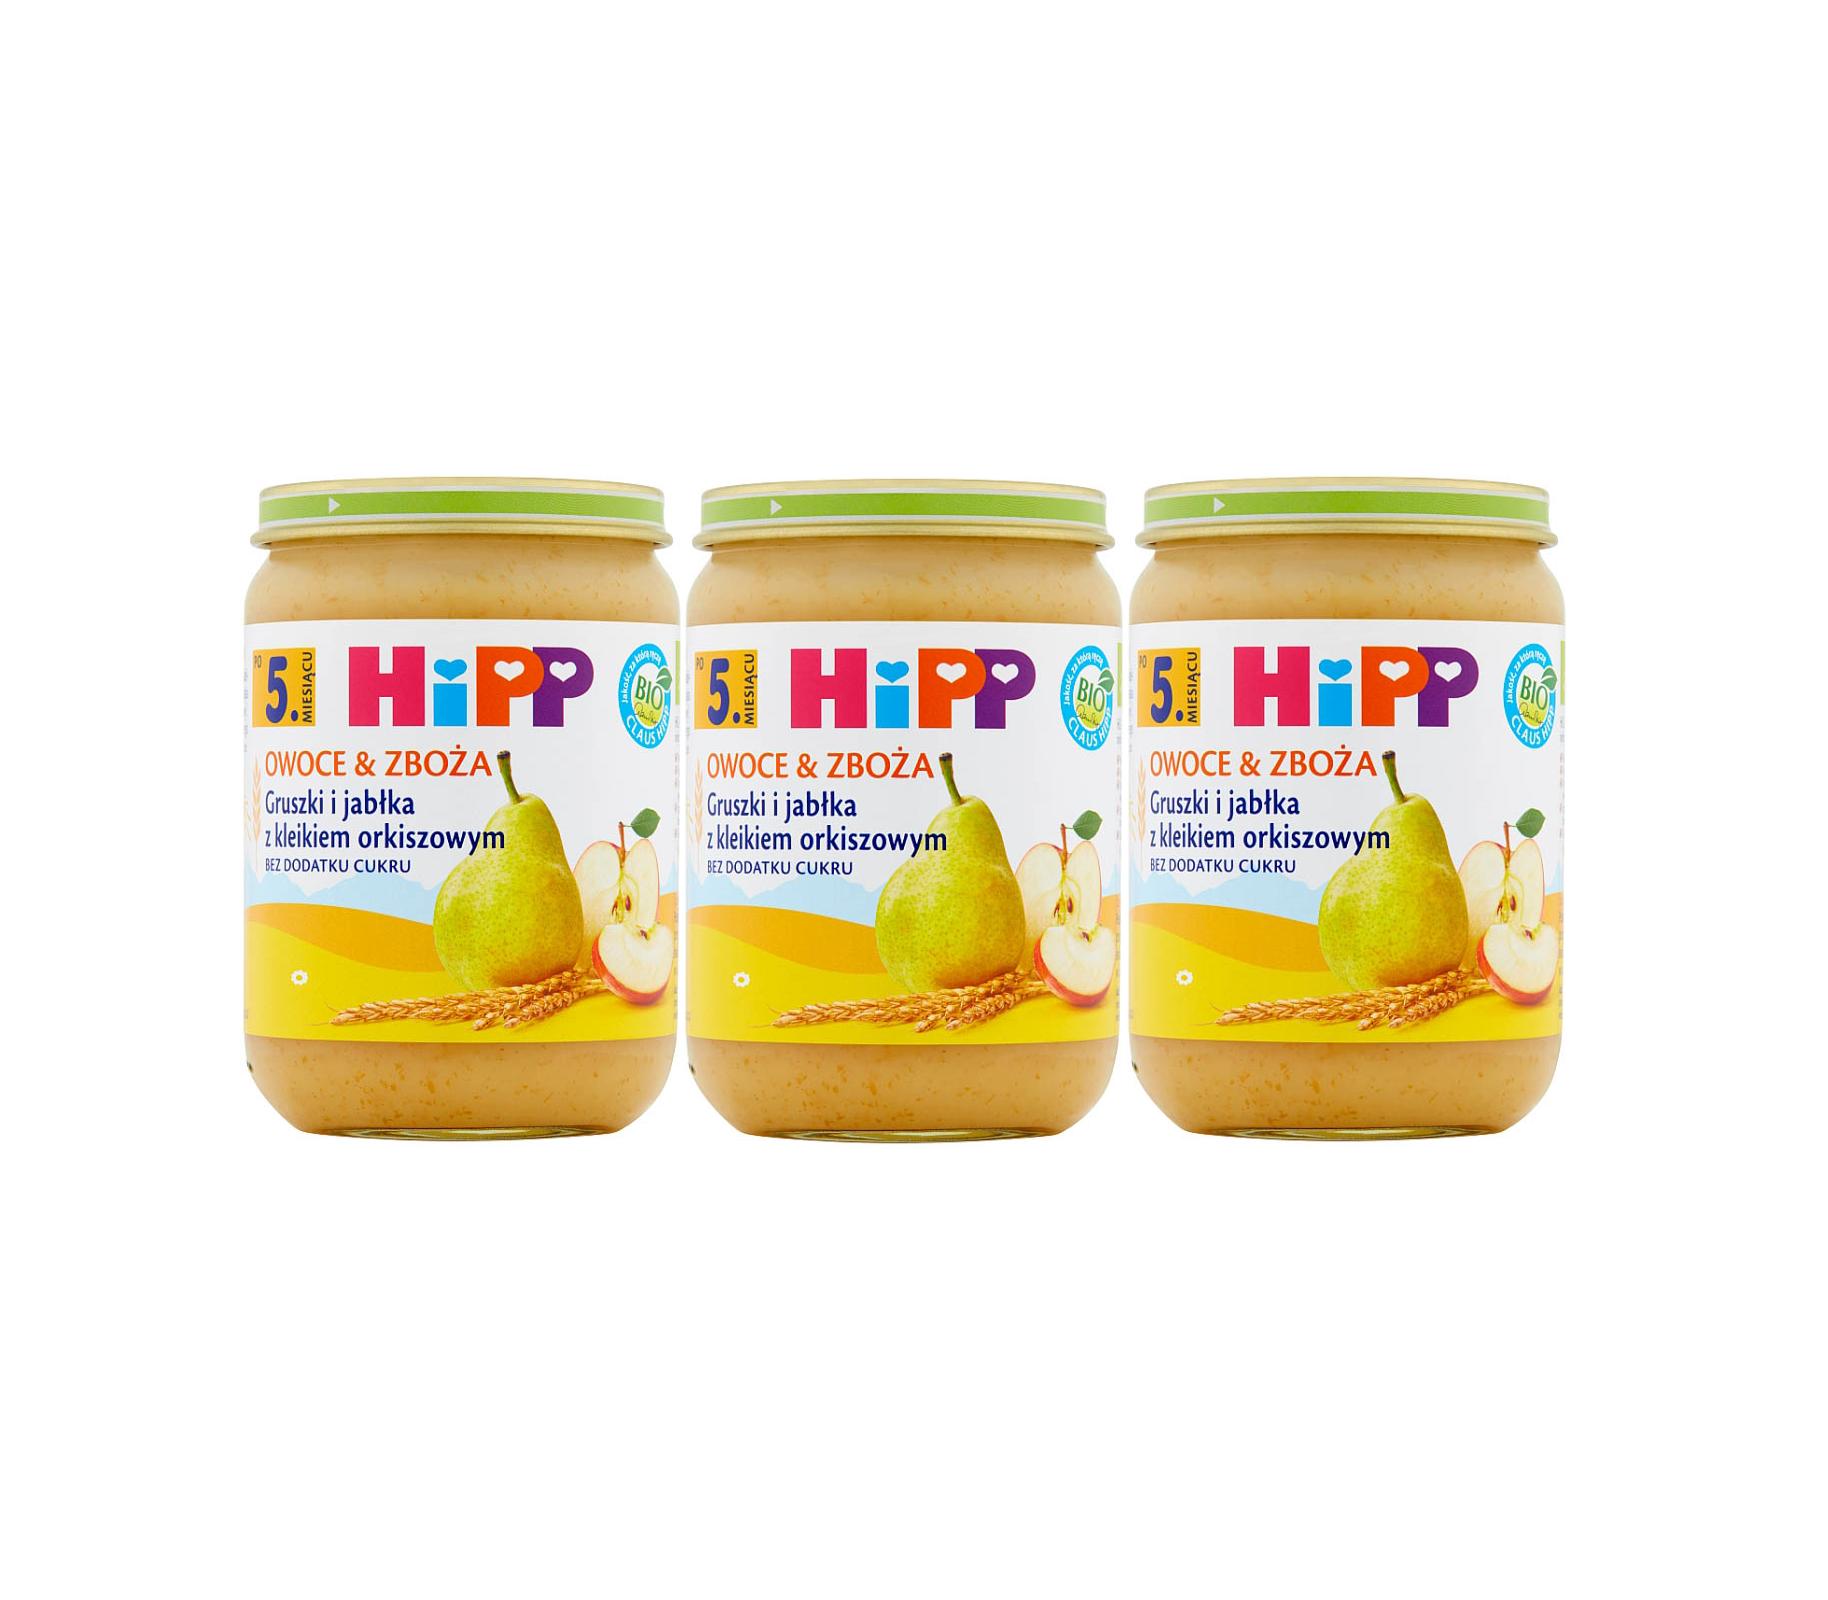 3 pak hipp 190 owoce&zboza gruszki i jablka z kliekime orkiszowym